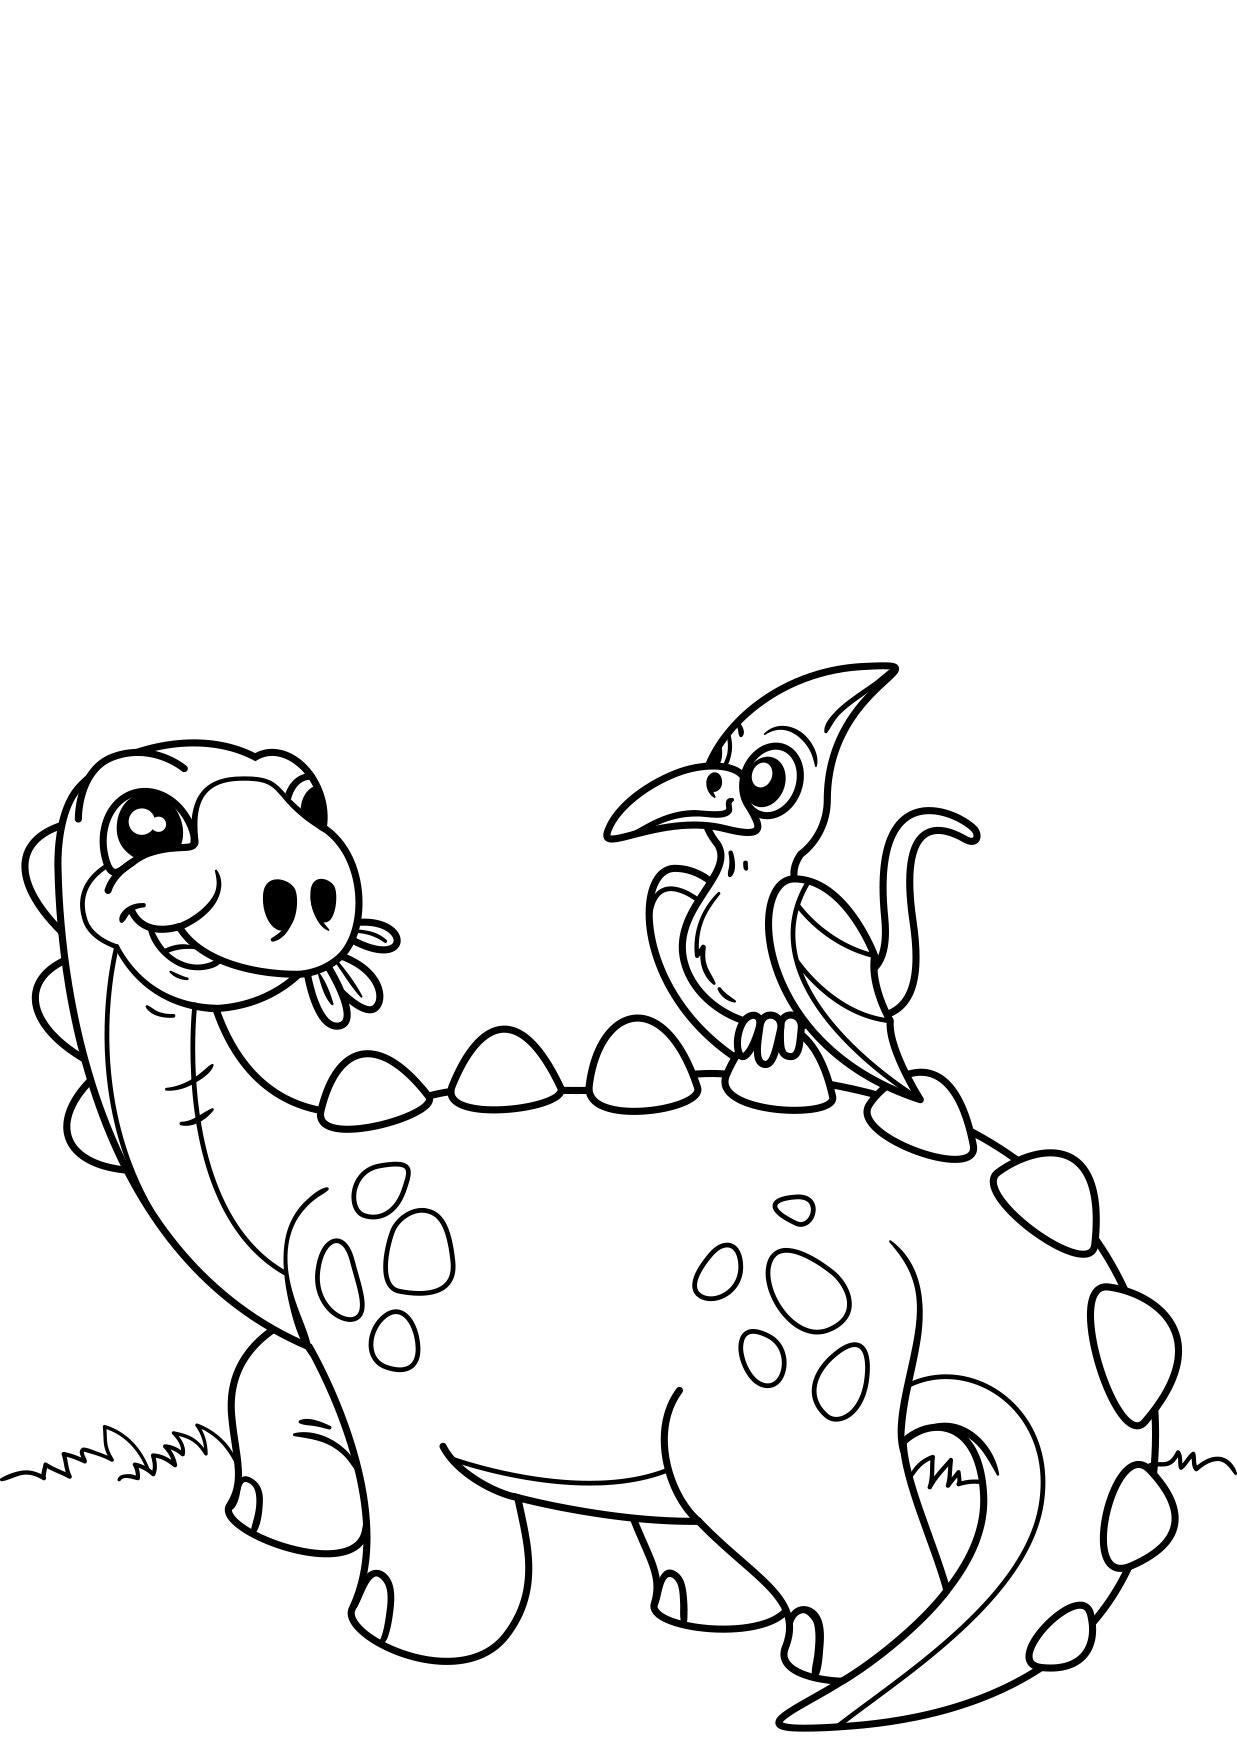 bilde 229 fargelegge dinosaur med fugl gratis bildene for